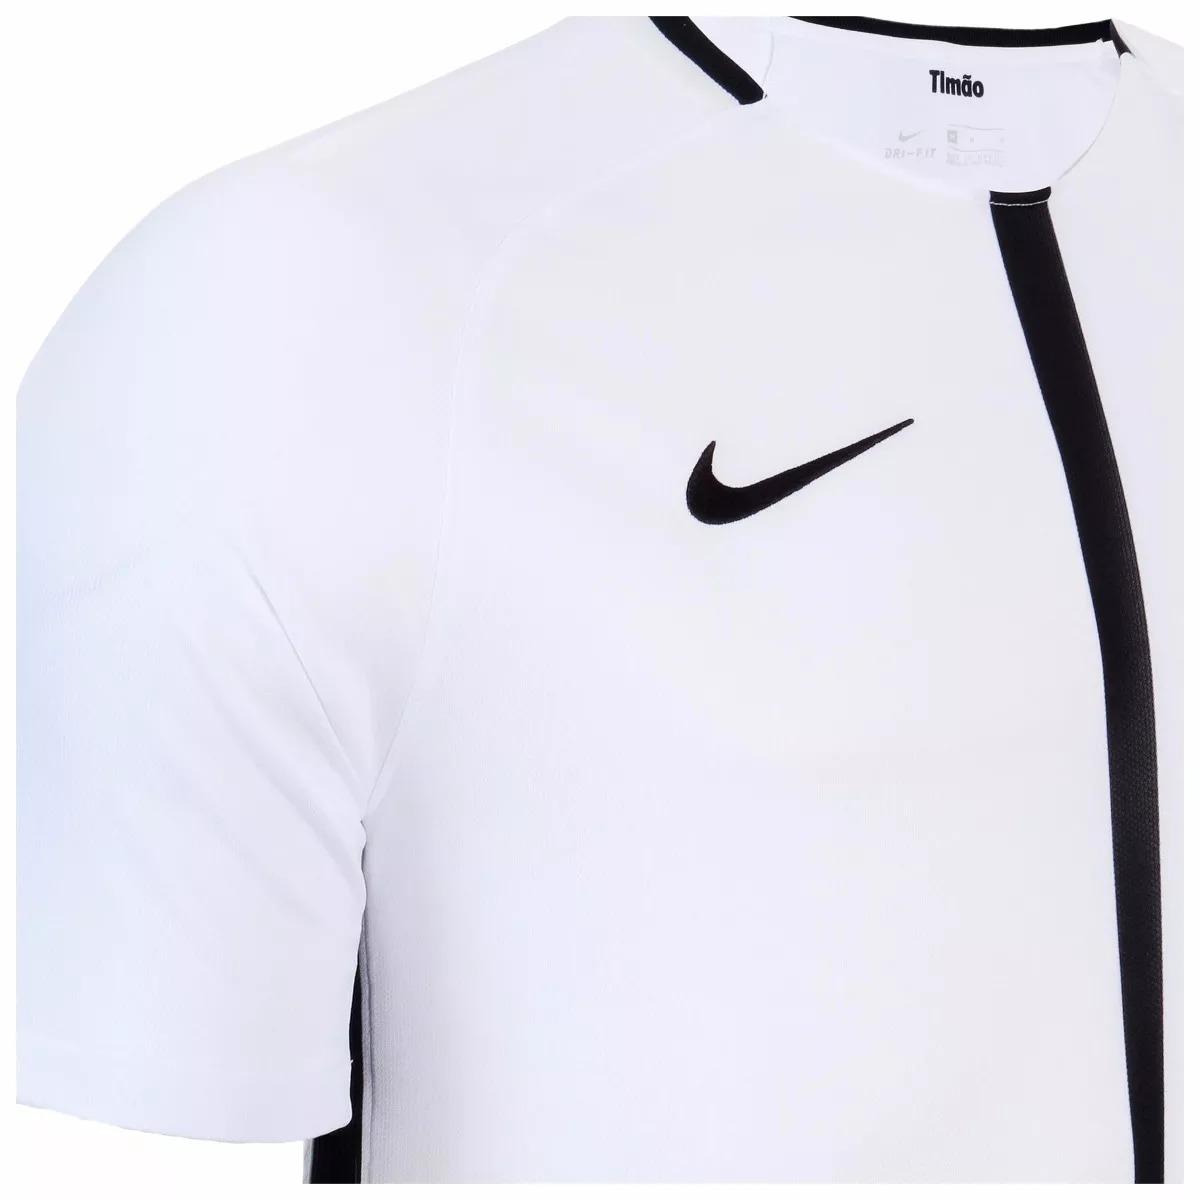 ed607bce17 nova camisa oficial do corinthians original 2017 últimas und. Carregando  zoom.